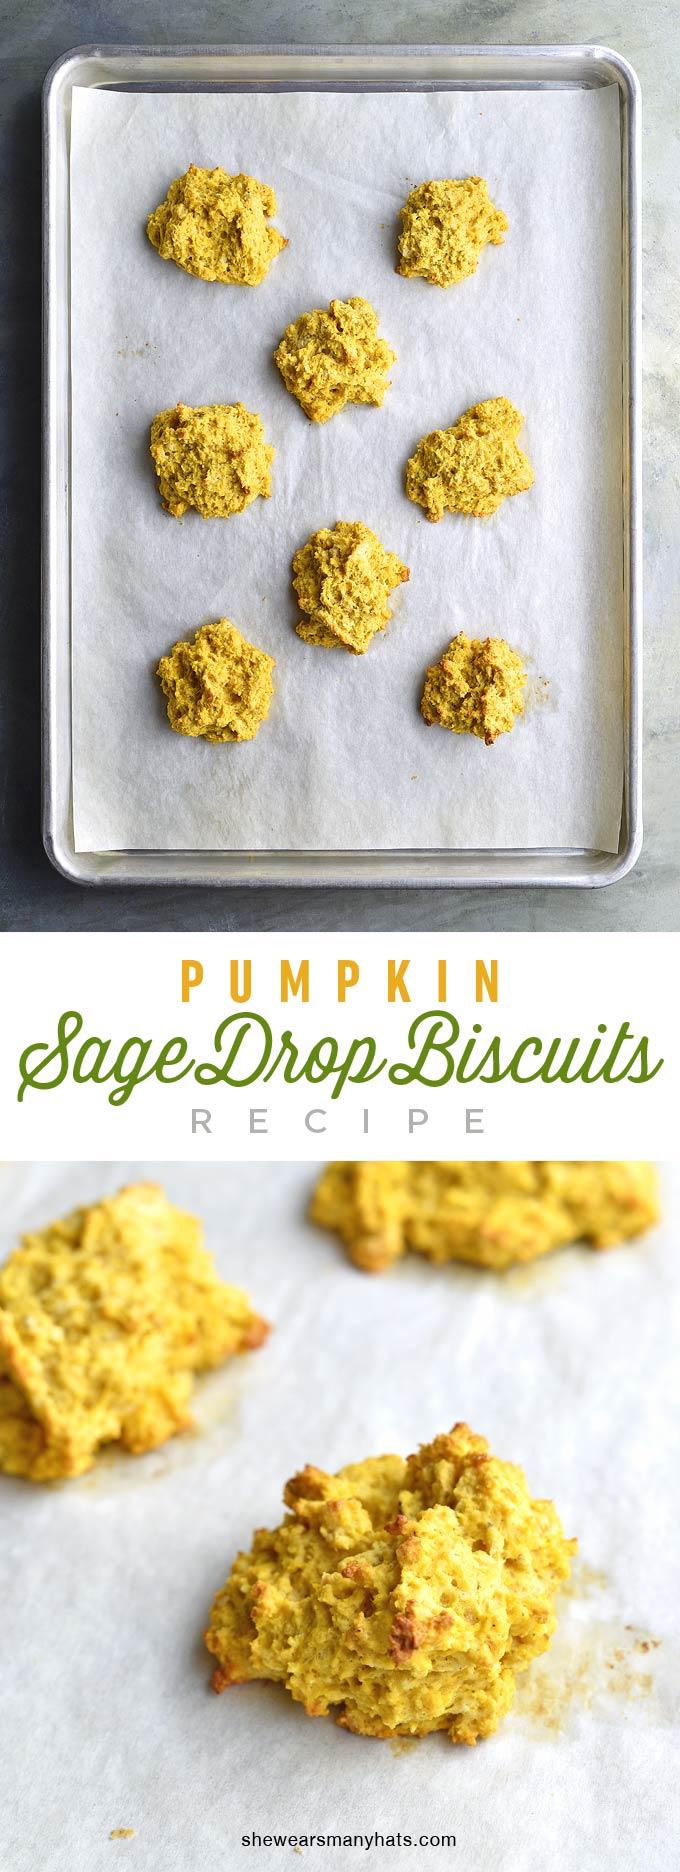 Easy Pumpkin Sage Drop Biscuits Recipe